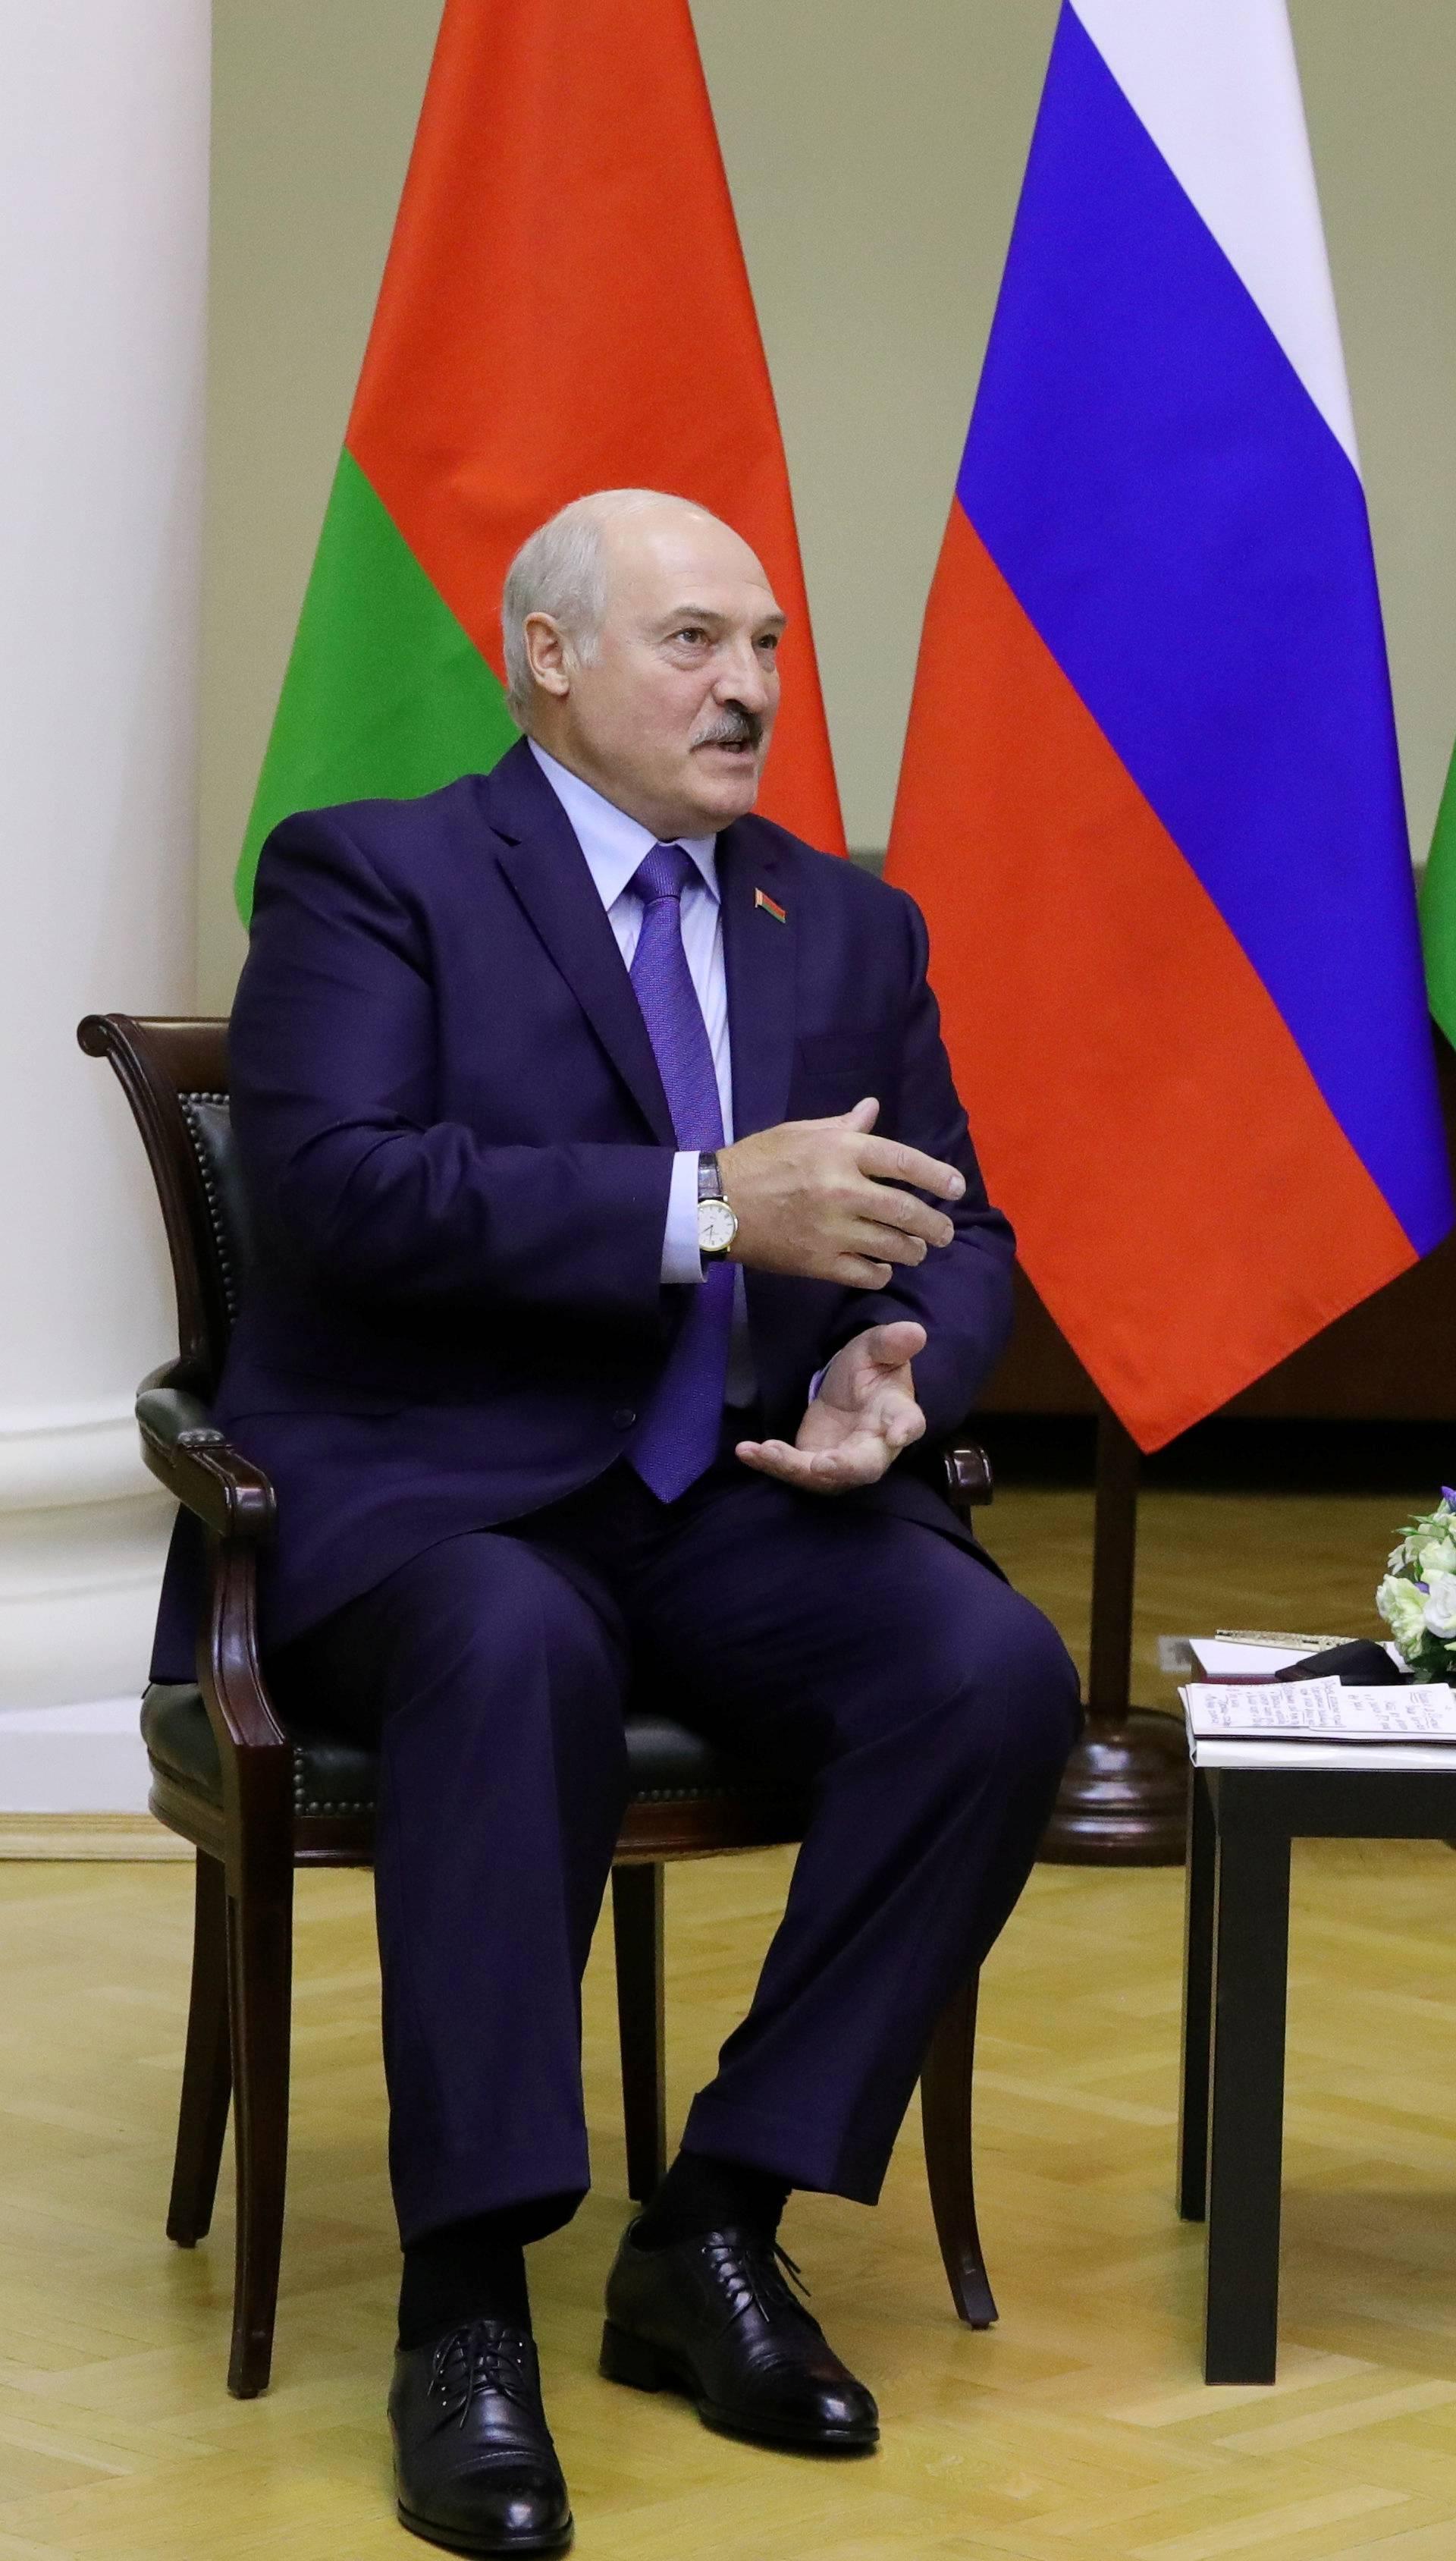 Russia's President Putin meets his Belarusian counterpart Lukashenko in Saint Petersburg